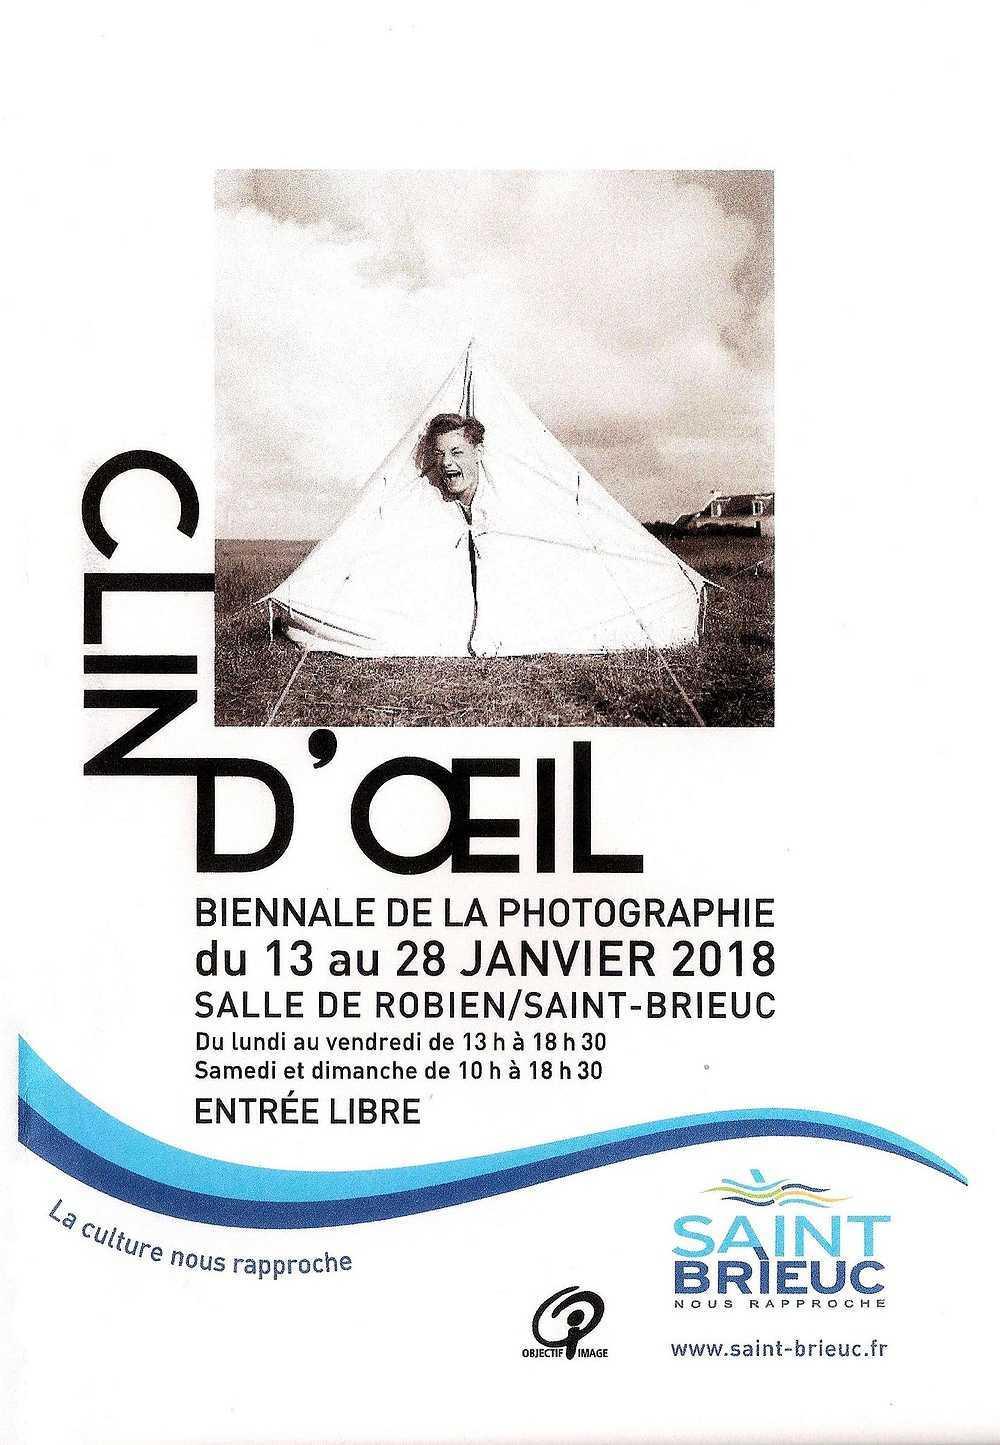 Clin d''oeil, Biennale de la photographie. : du 13 au 28 janvier. 0